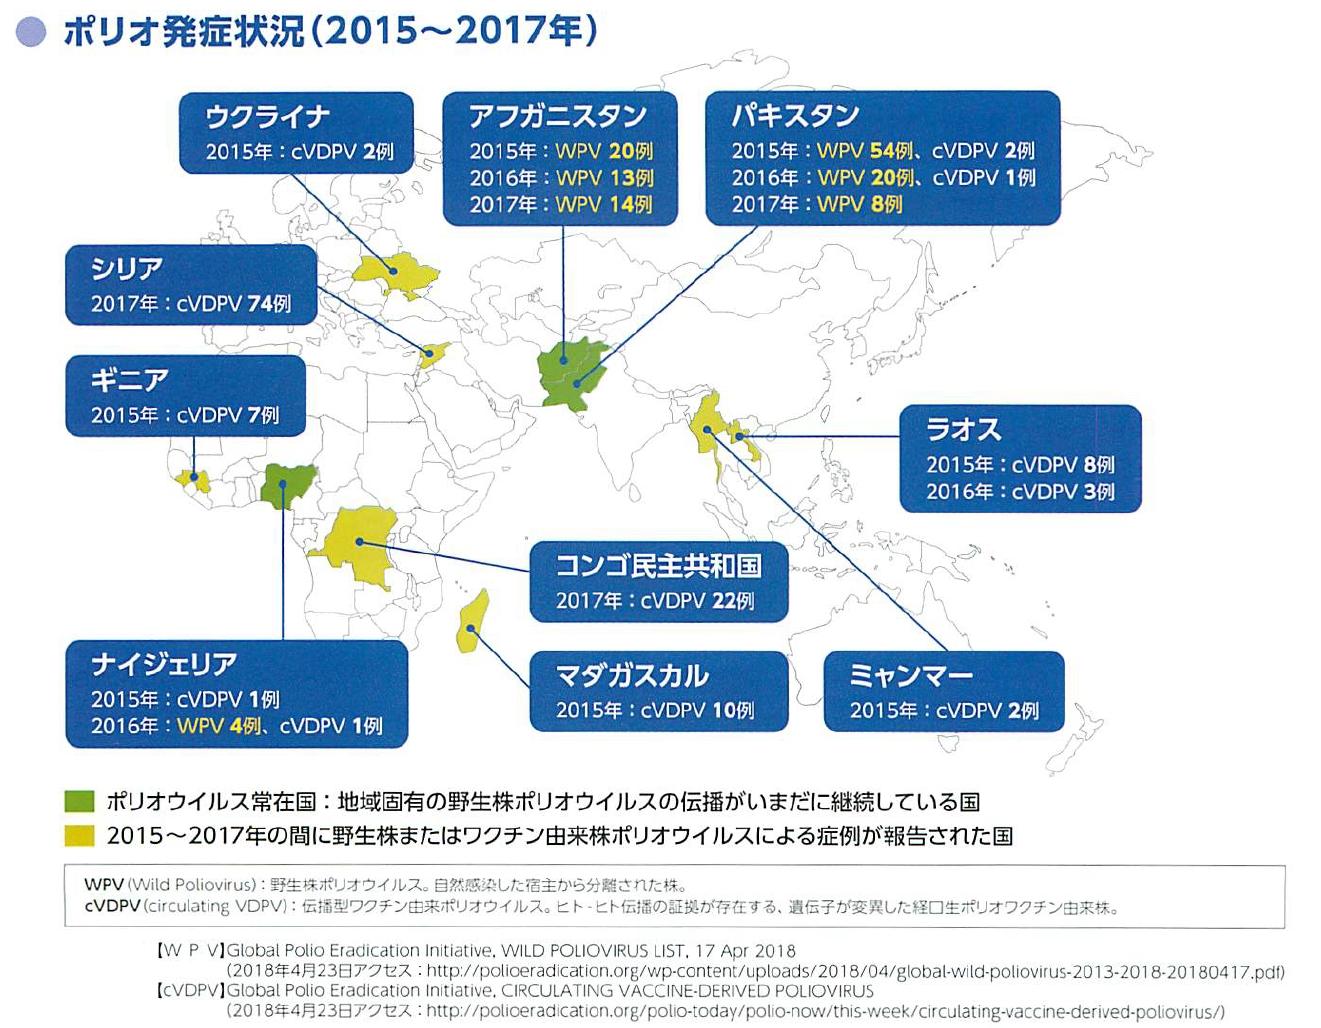 [世界のポリオ発生地域(2015-2017)]